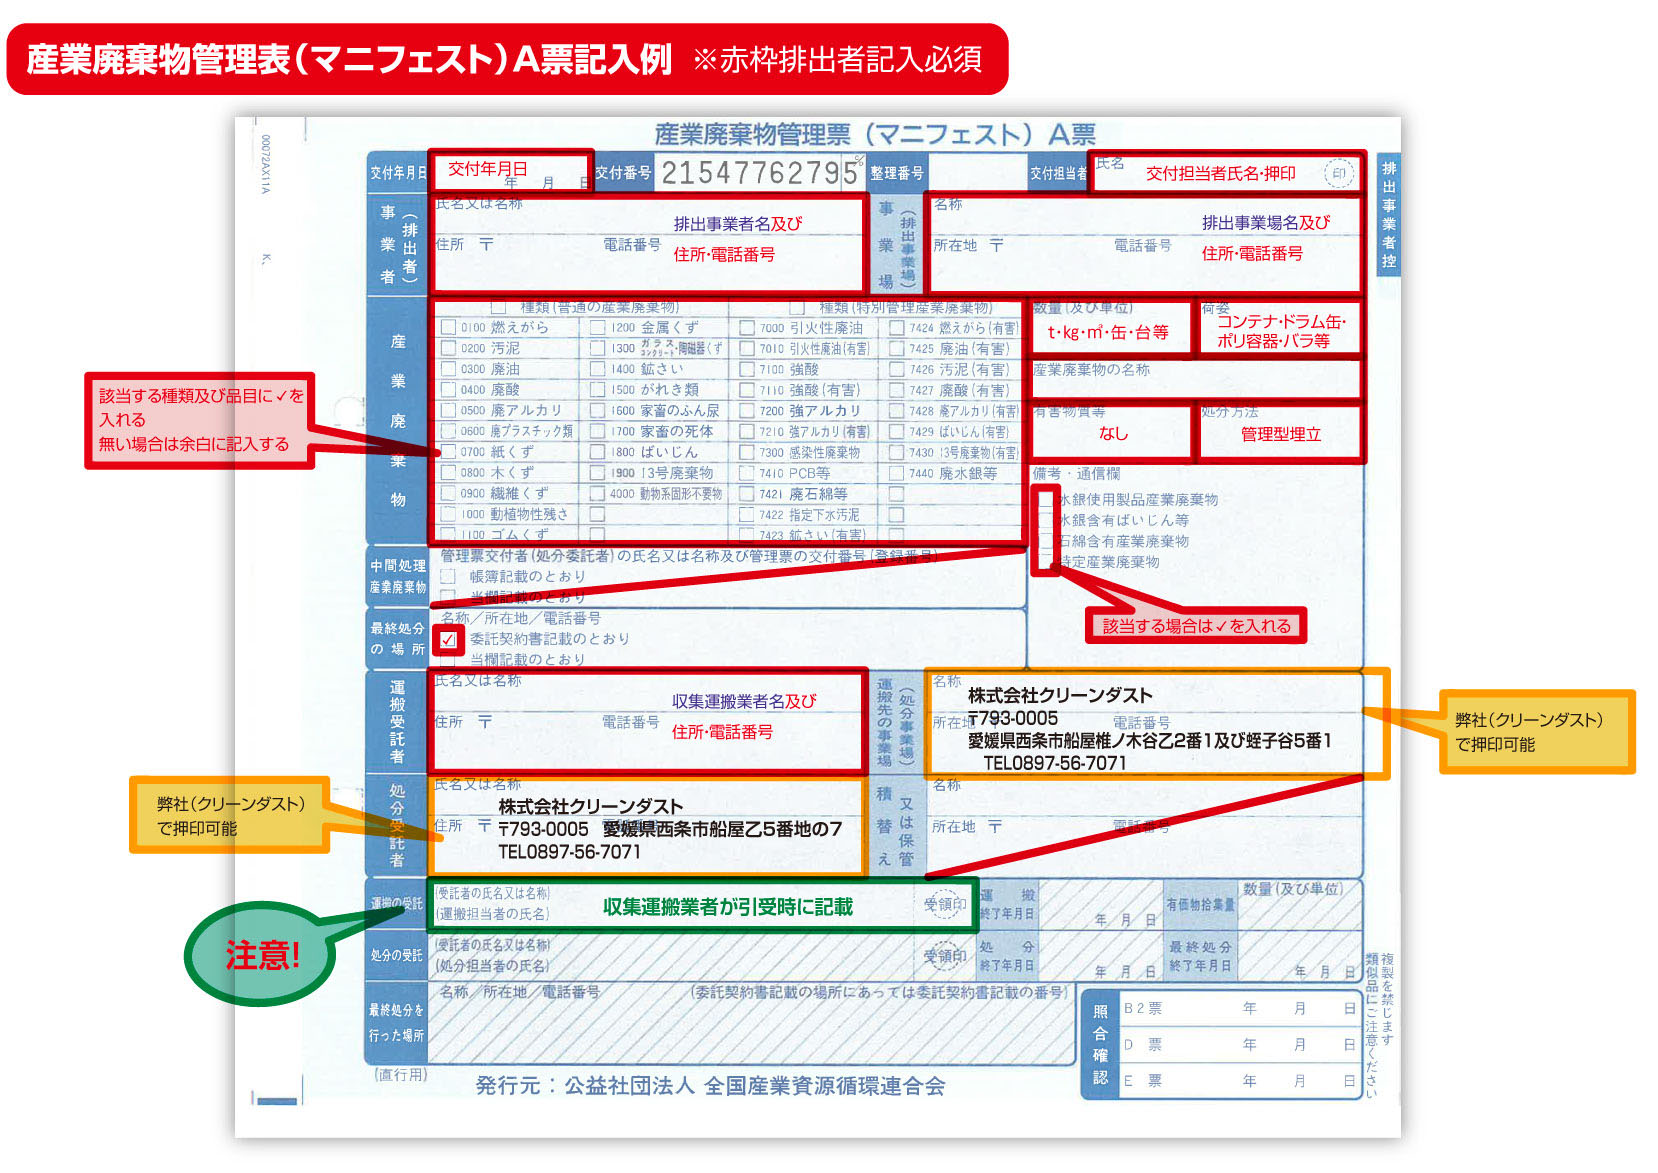 産業廃棄物管理票記入例